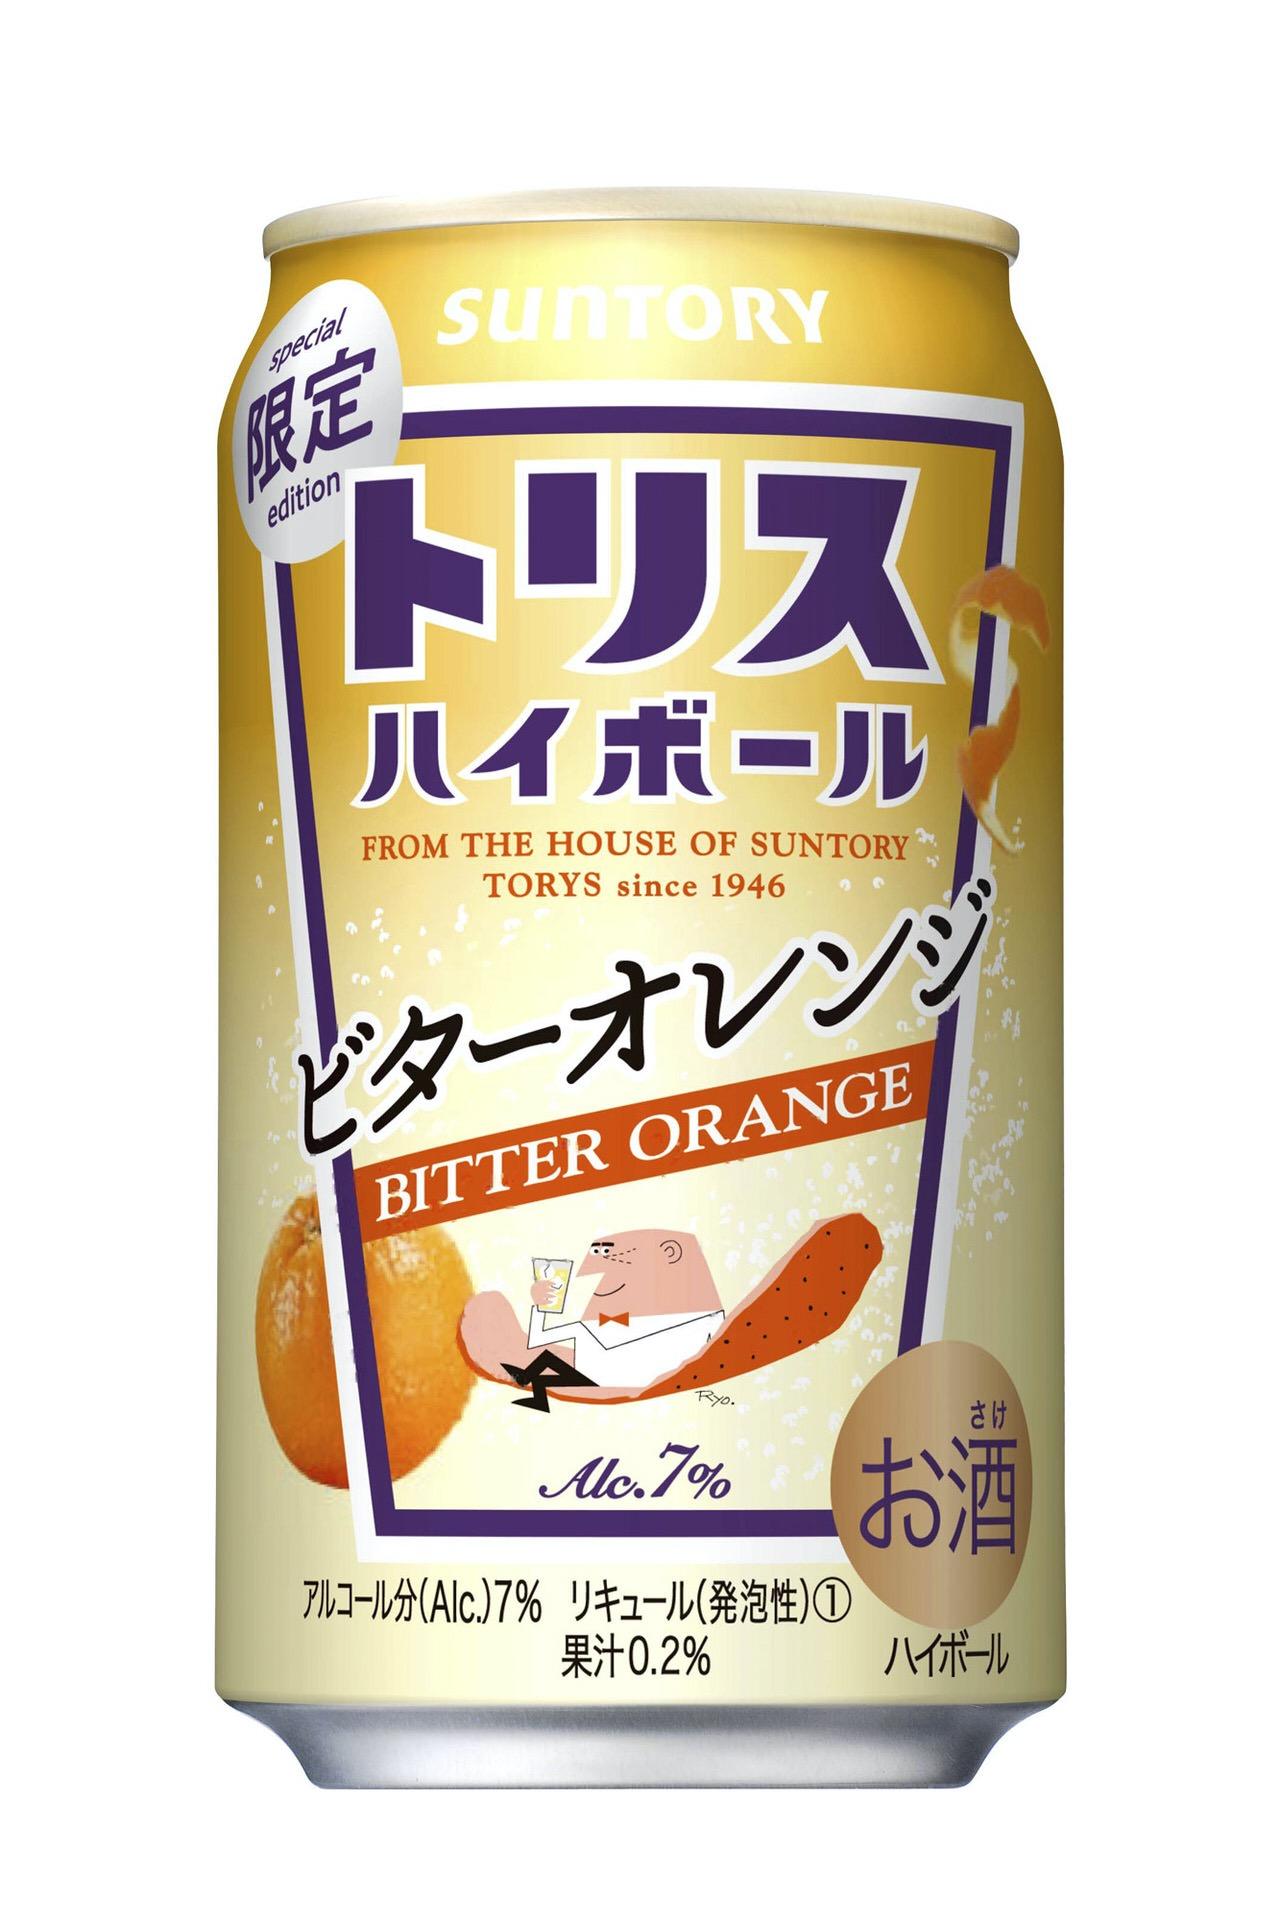 レモンが美味しかったのでオレンジも期待「トリスハイボール缶〈ビターオレンジ〉」12月8日より発売開始